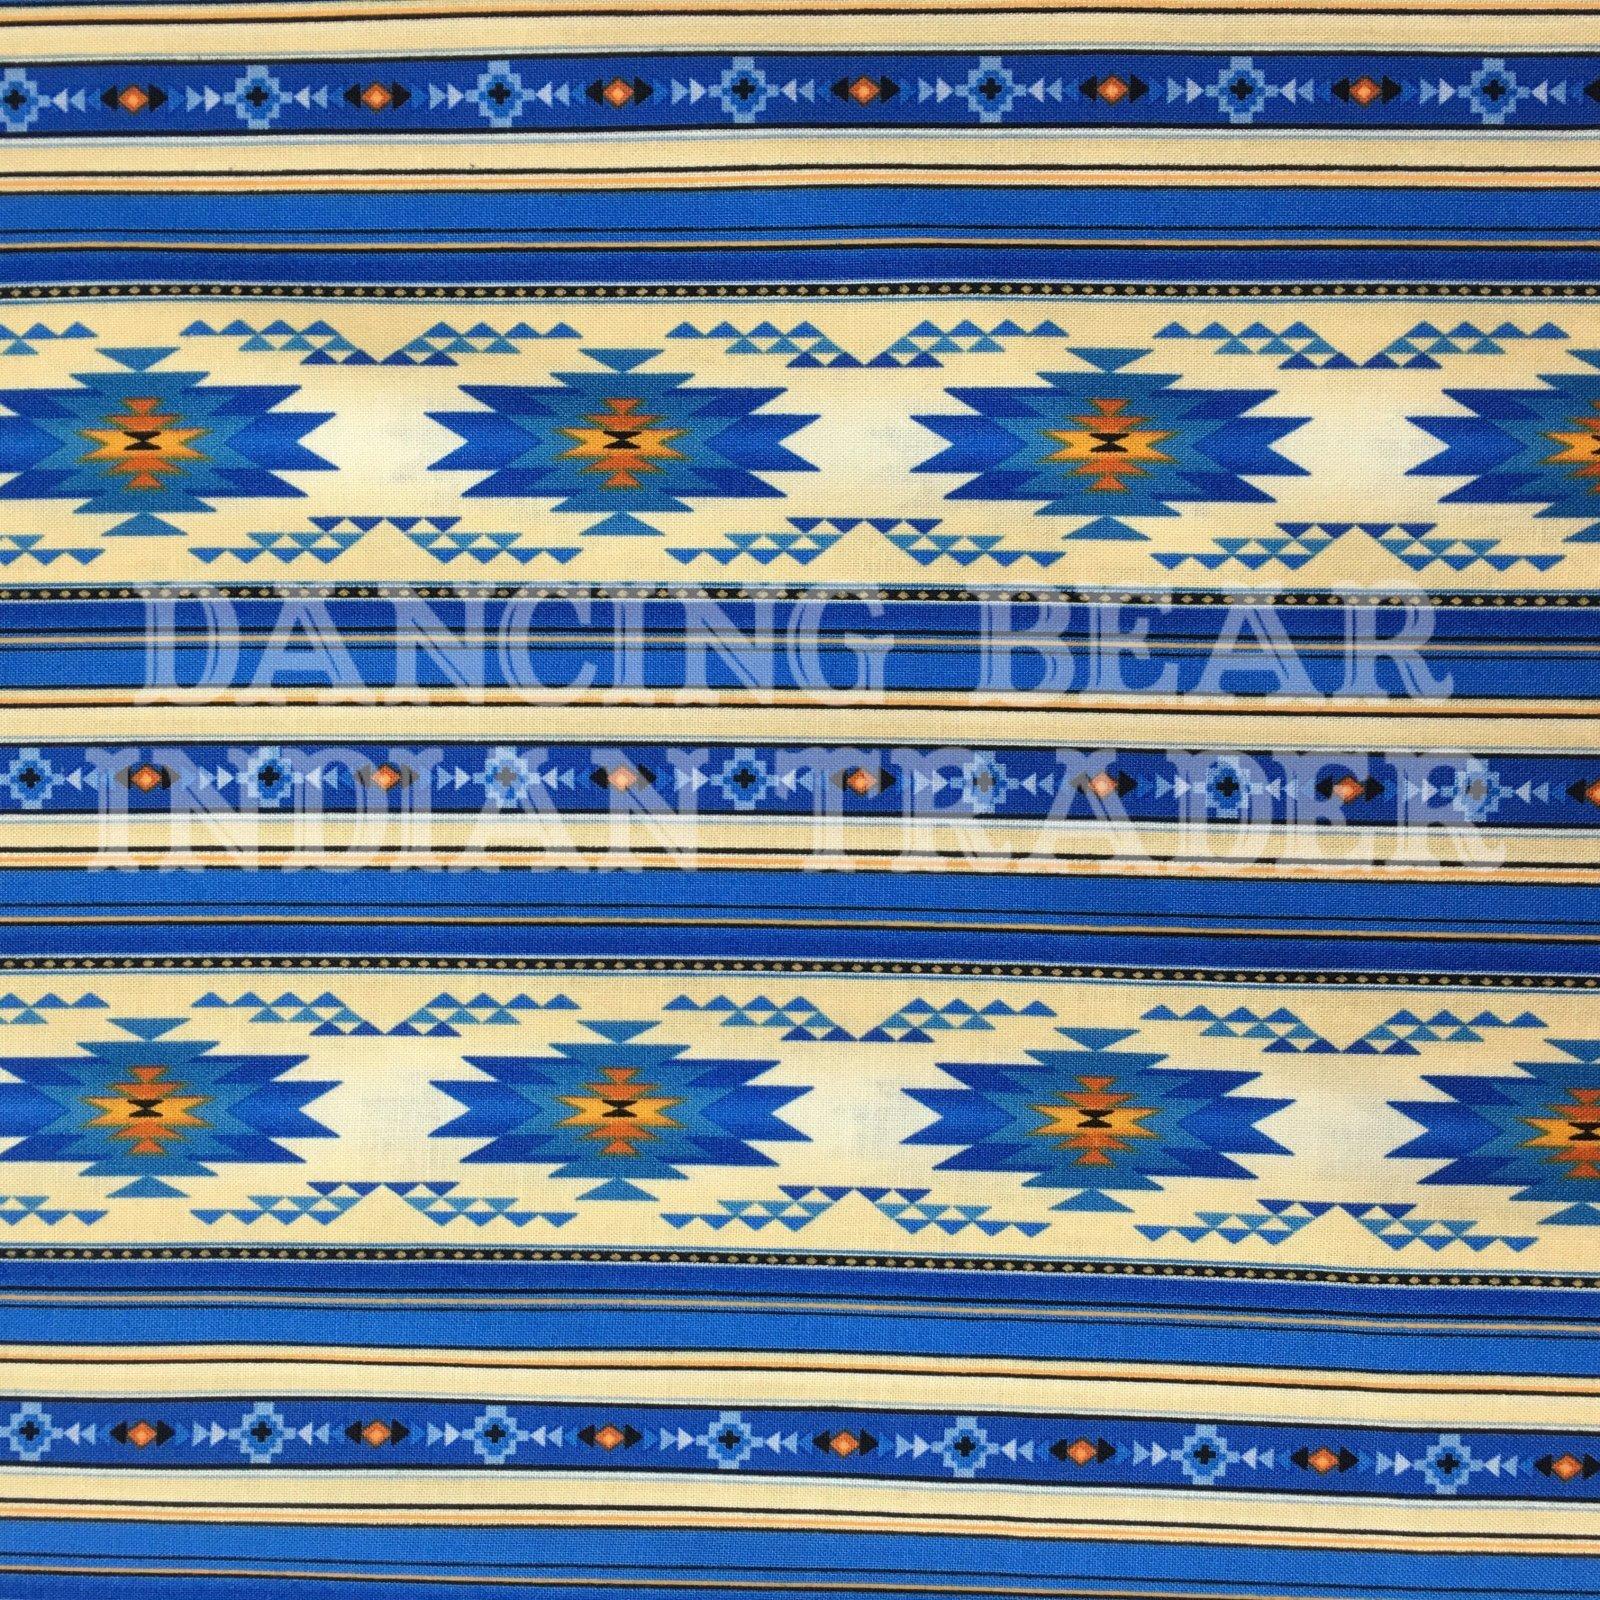 Native Pattern Long Stripe Royal Blue -NEW!